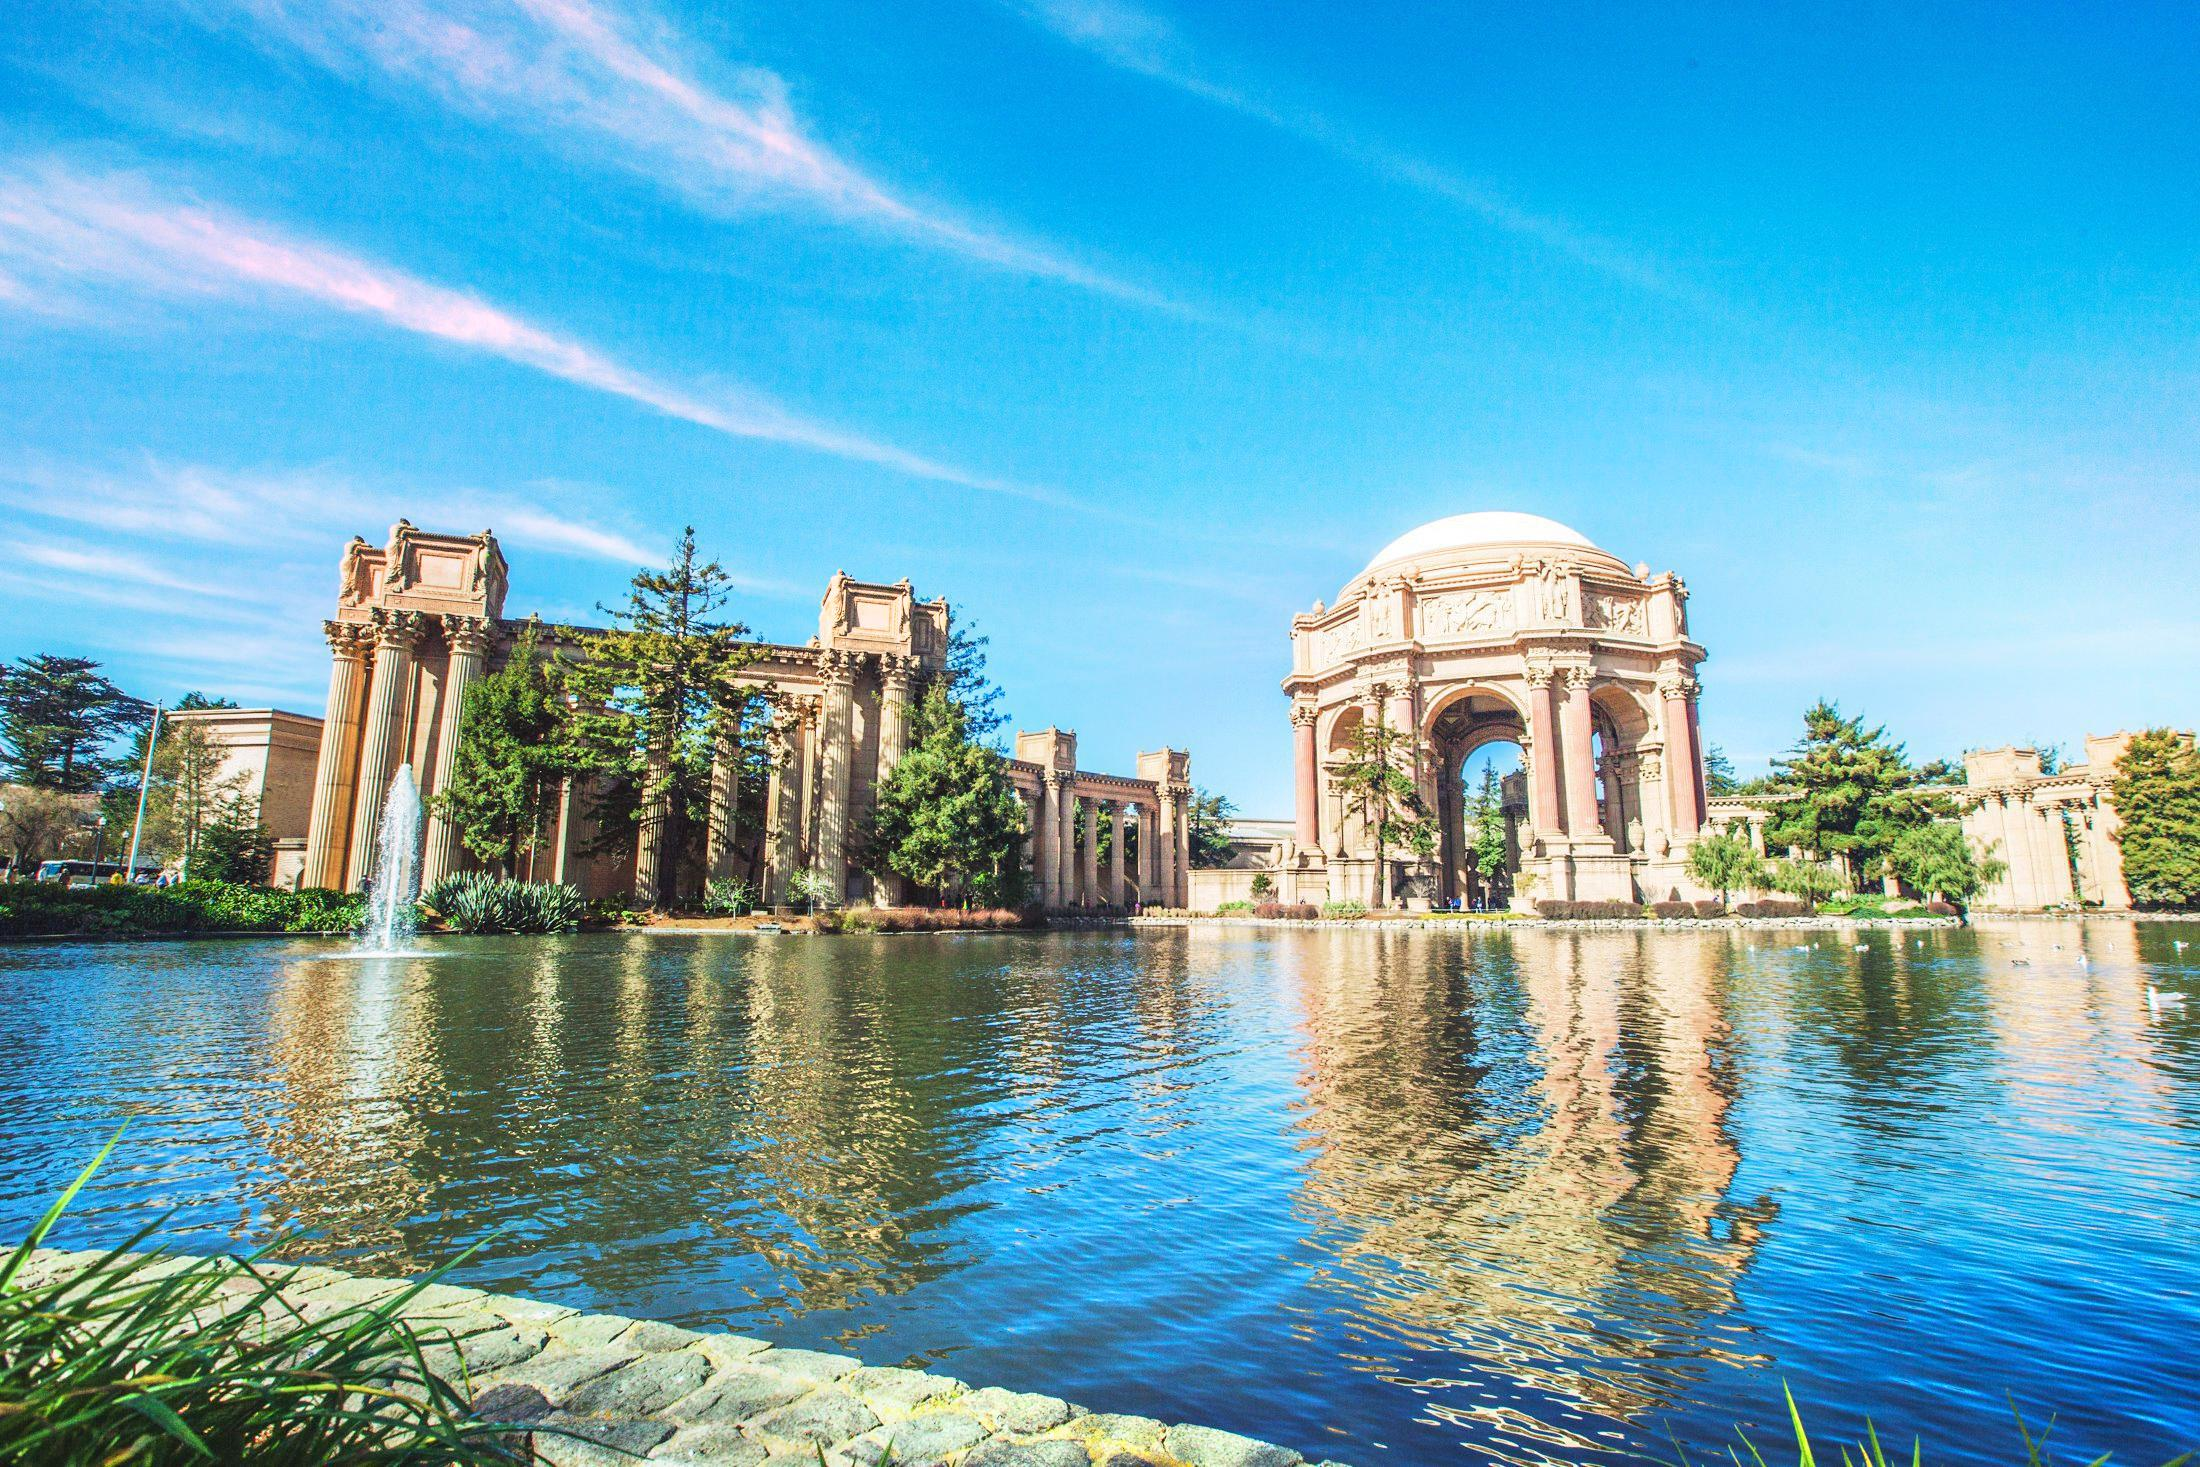 舊金山藝術宮